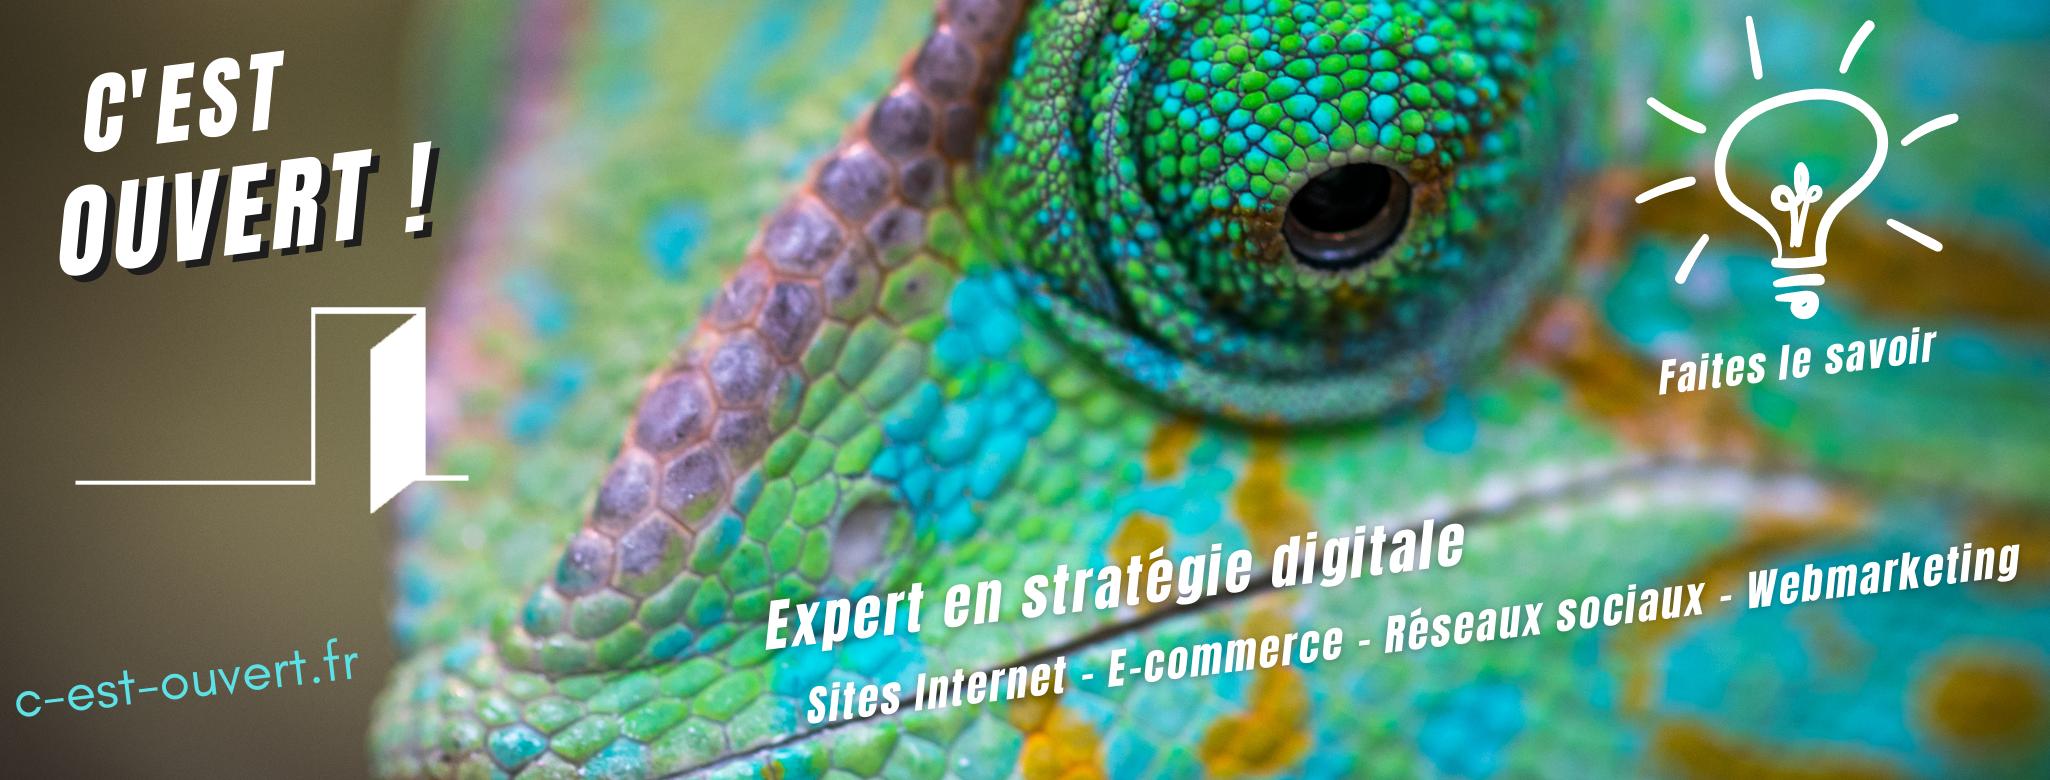 Expert en stratégie digitale C'est ouvert ! Vincent RIOT